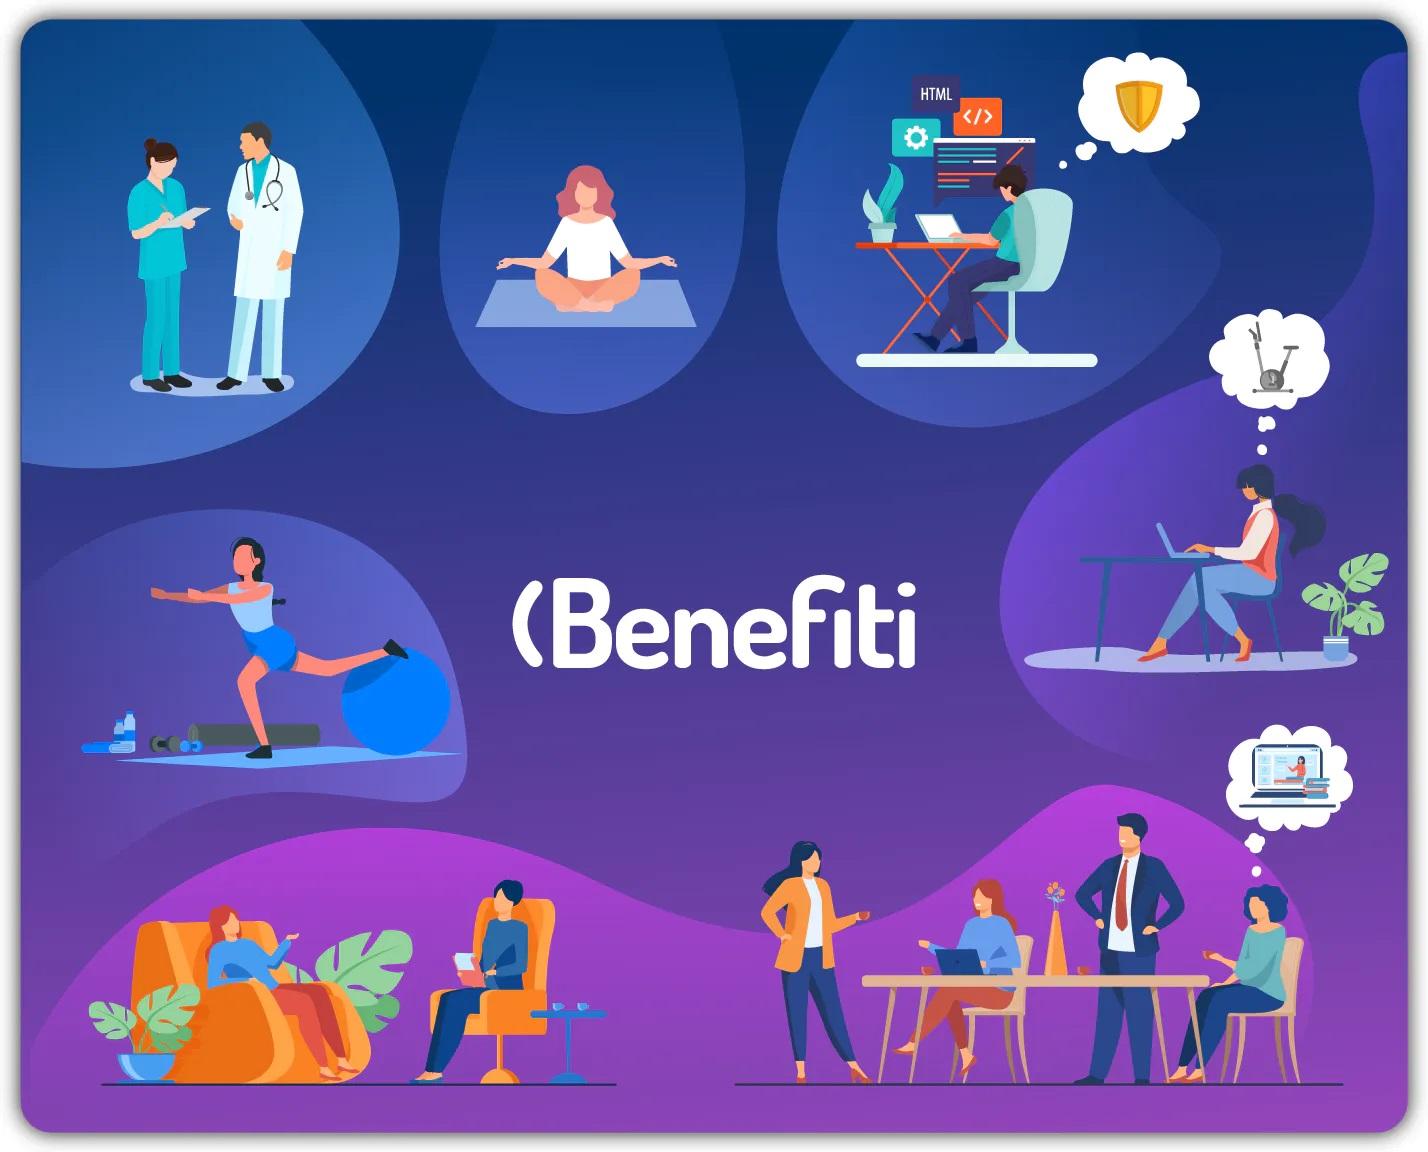 benefiti - zadovoljstvo zaposlenih